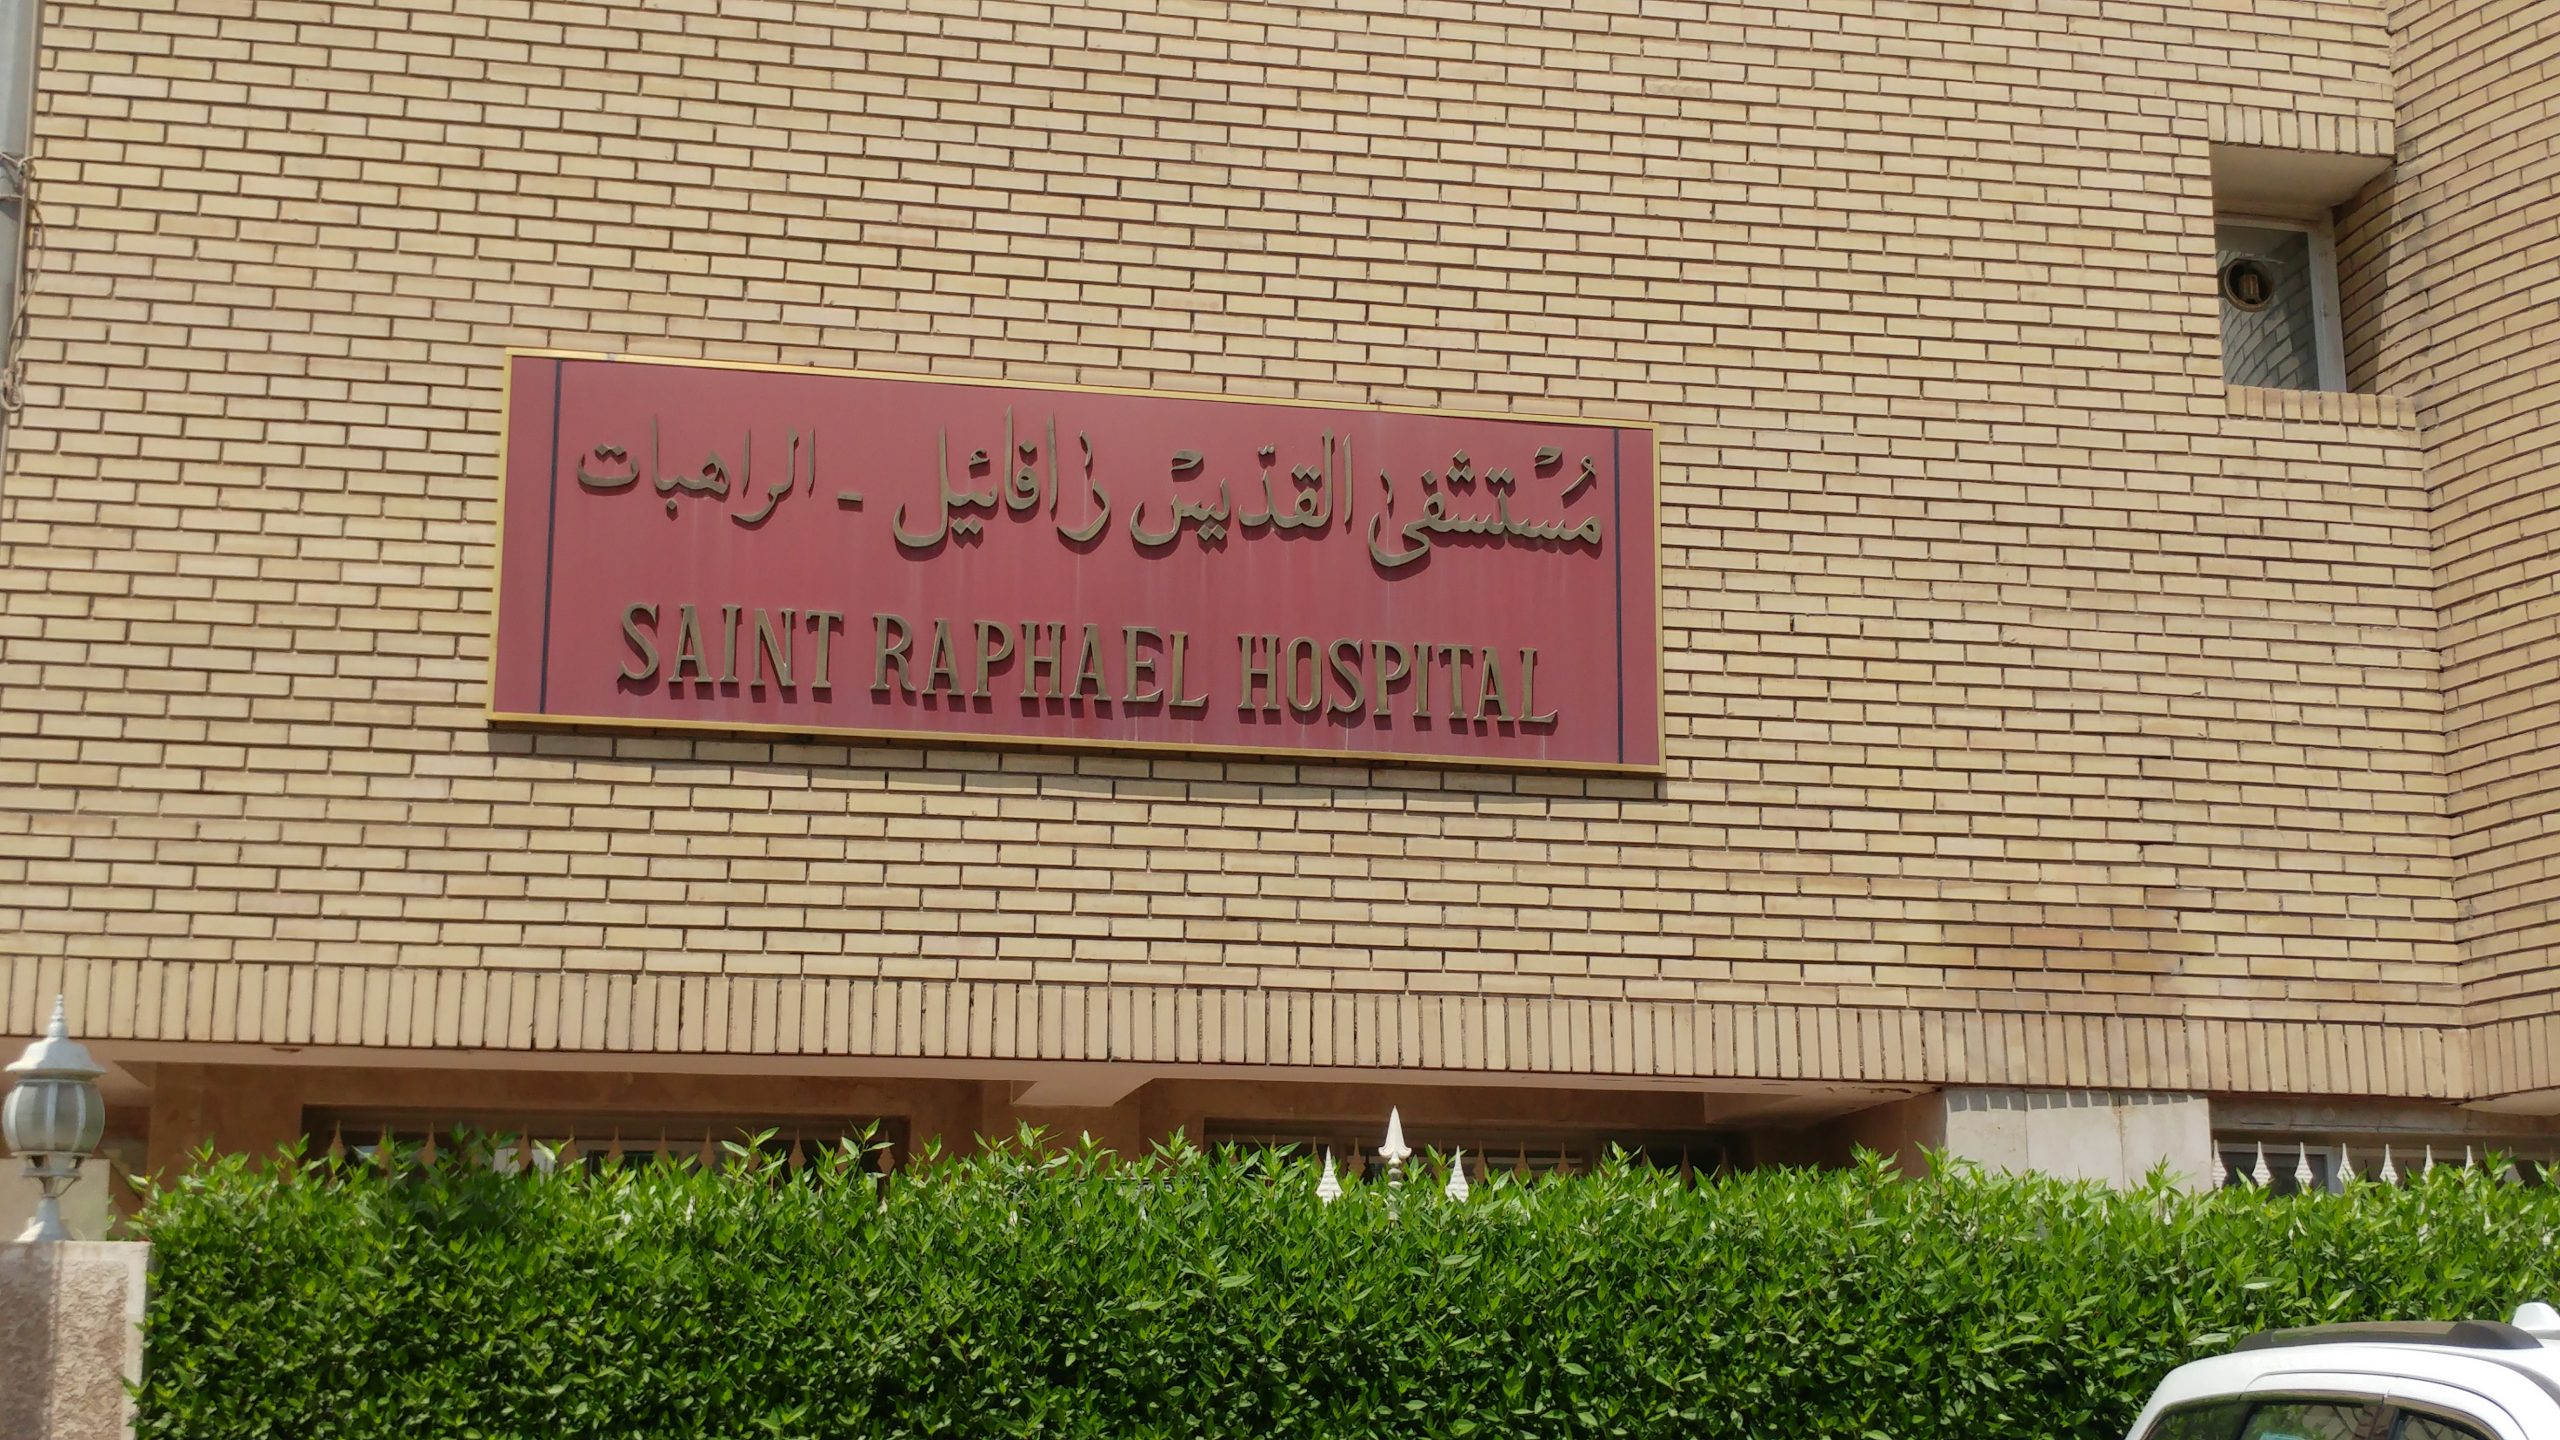 Fraternité en Irak réitère son soutien au principal hôpital de Bagdad